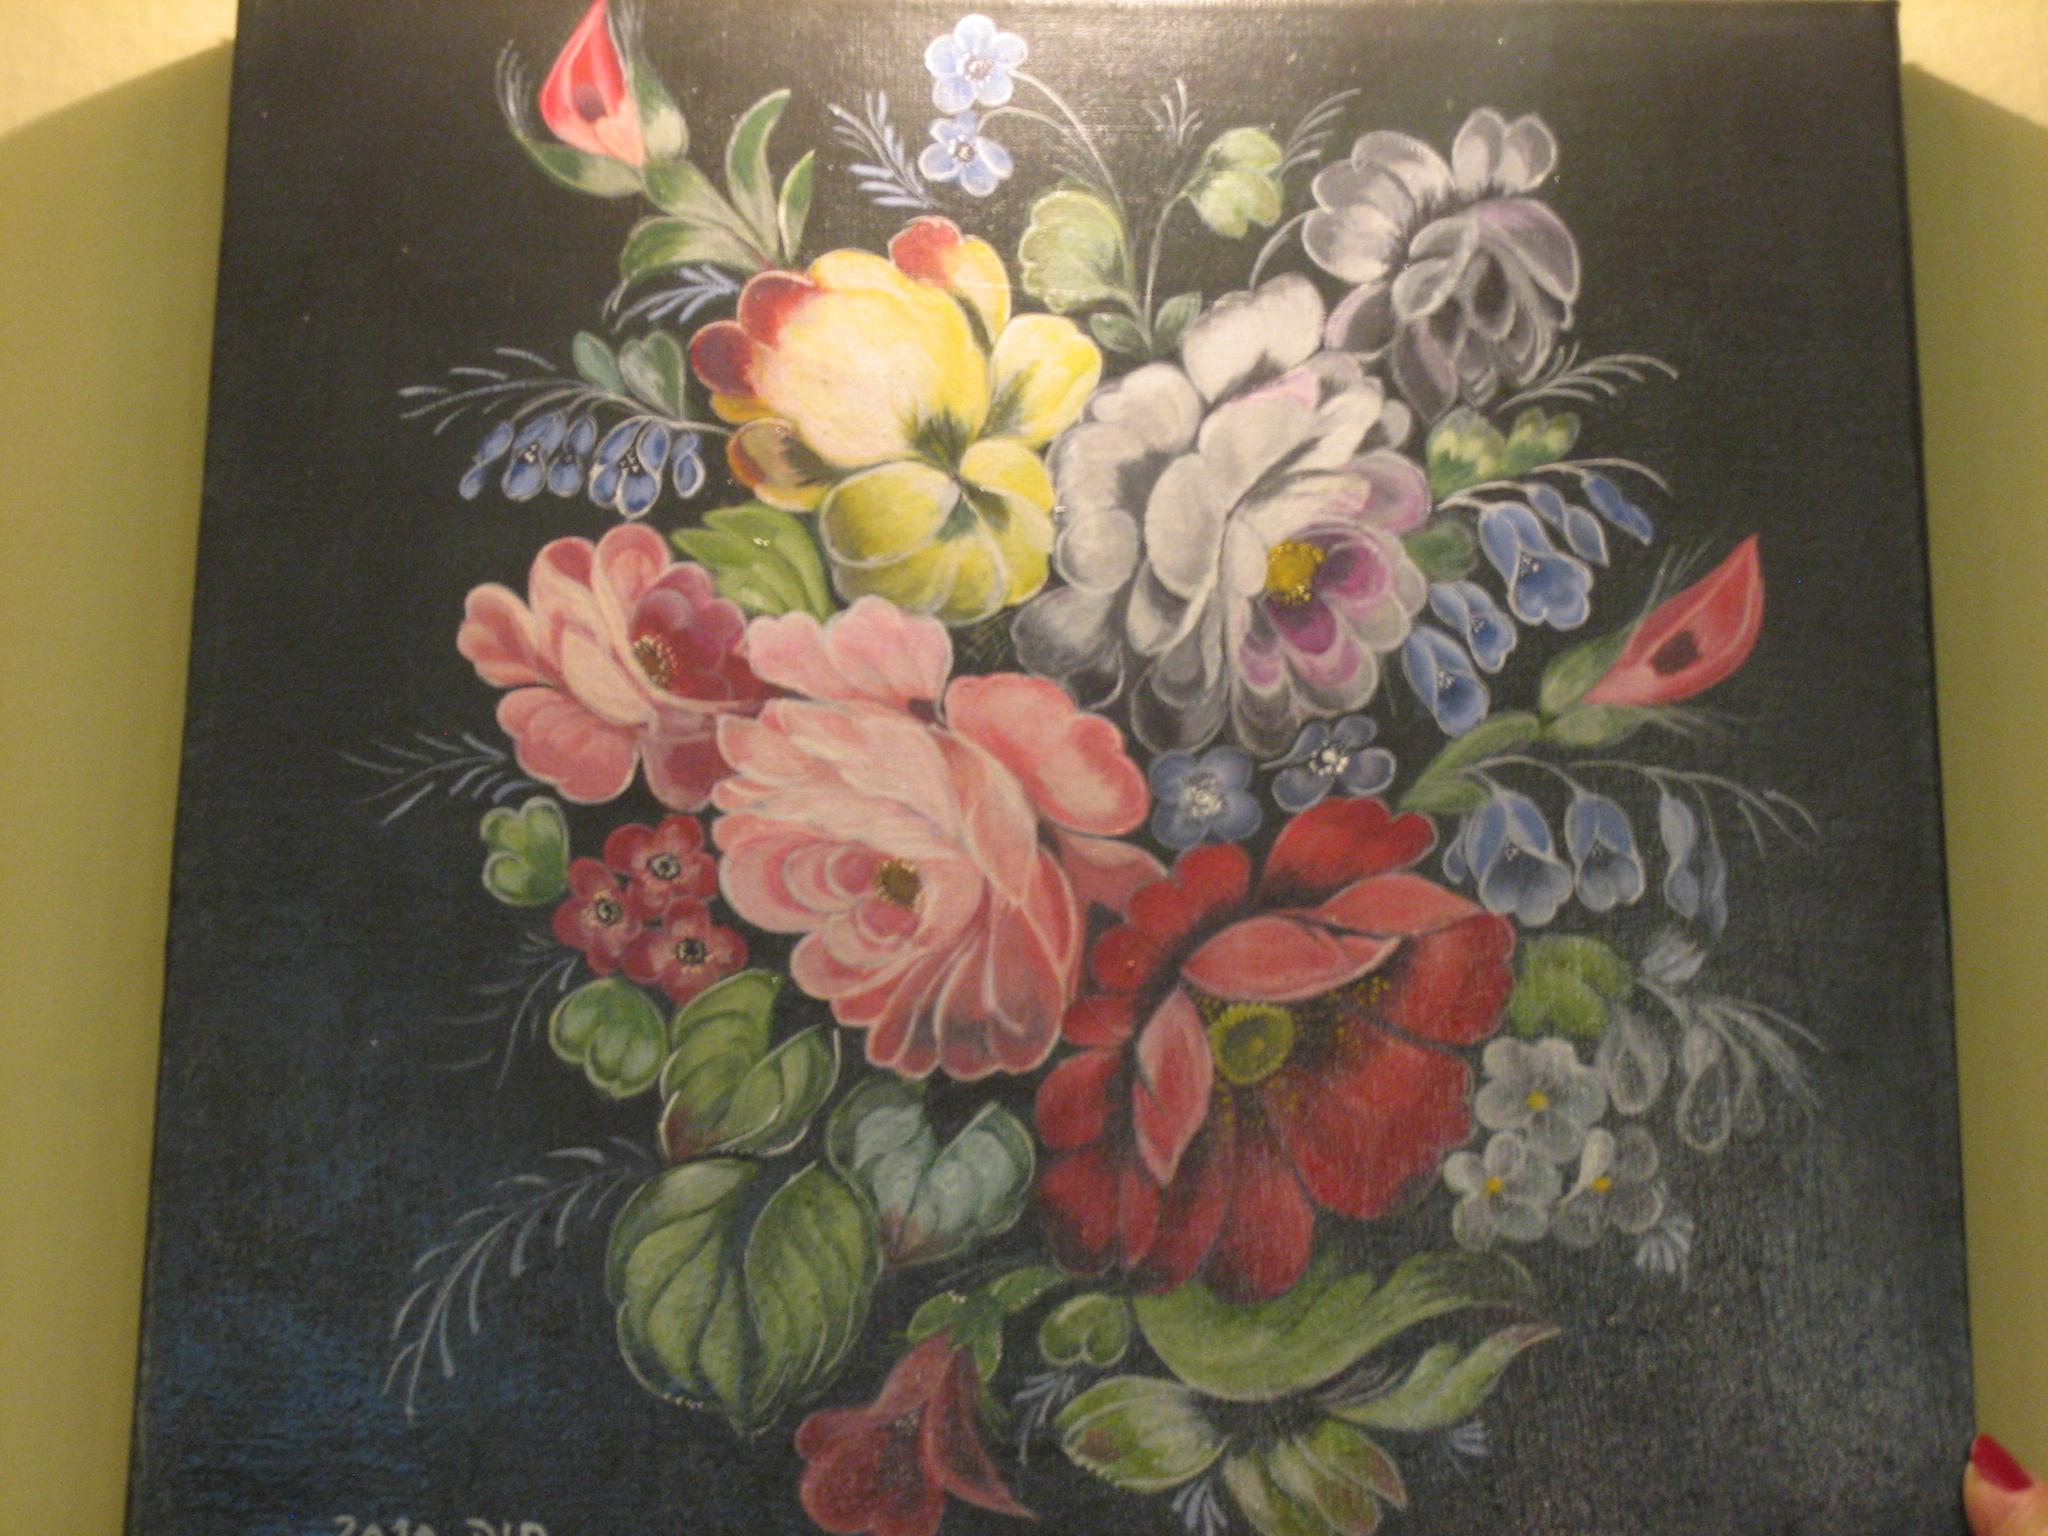 חוגים לציור בכרמיאל, חוג ציור לילדים למבוגבכרמיאל